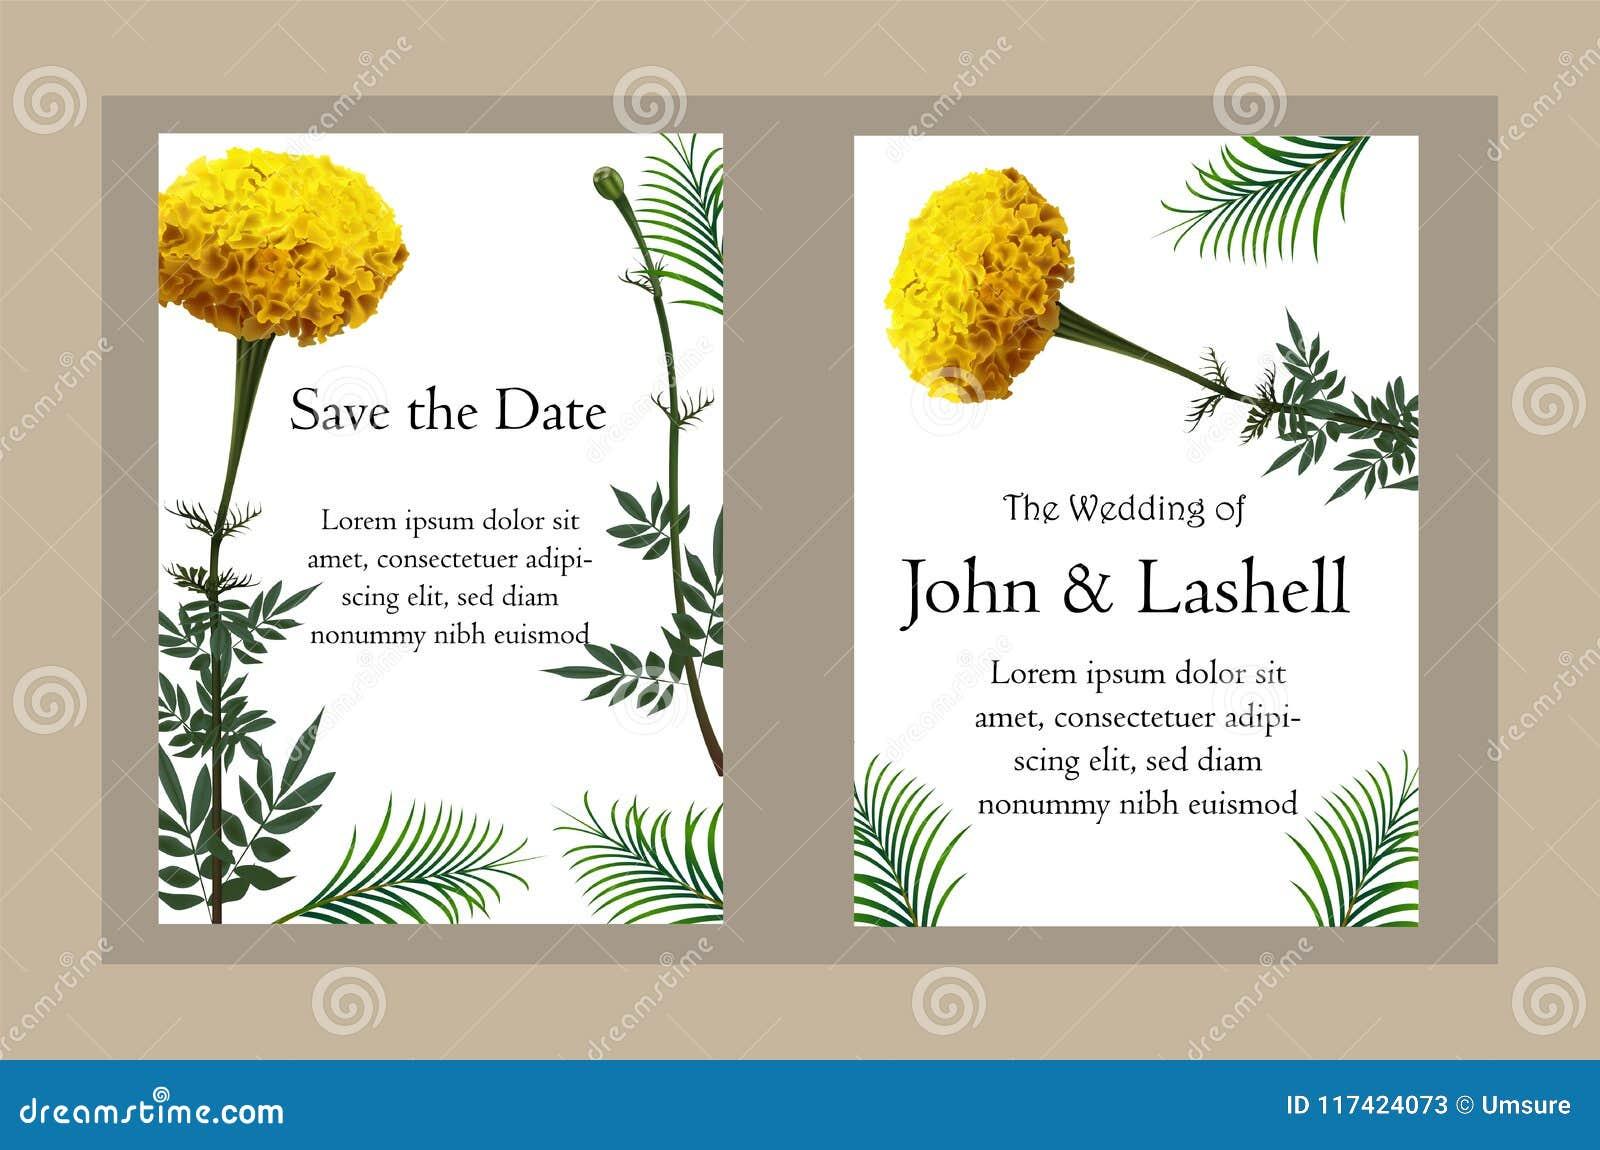 Marigold ρεαλιστική διανυσματική απεικόνιση λουλουδιών στην κάρτα πρόσκλησης